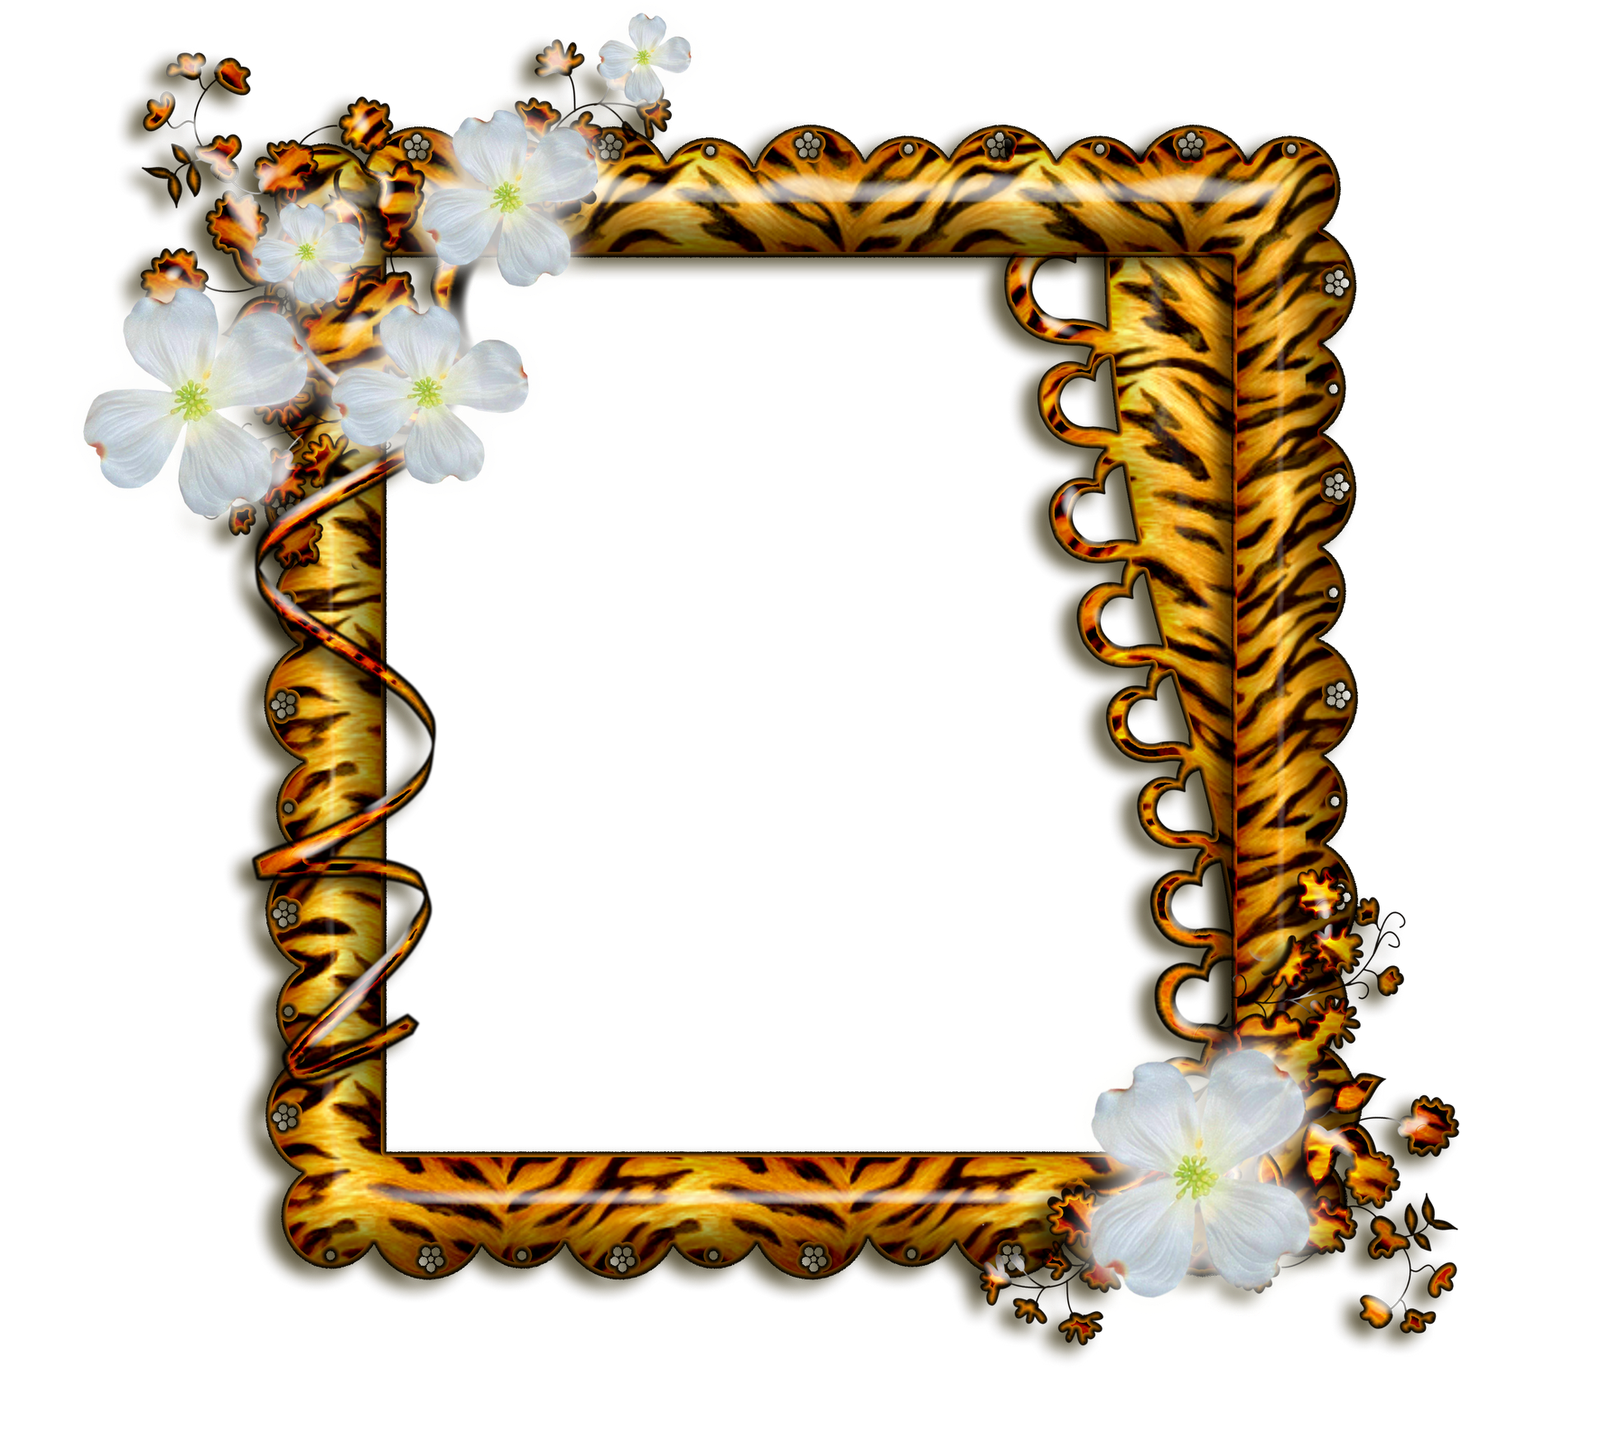 Flores descargar marcos - Marcos clasicos para fotos ...